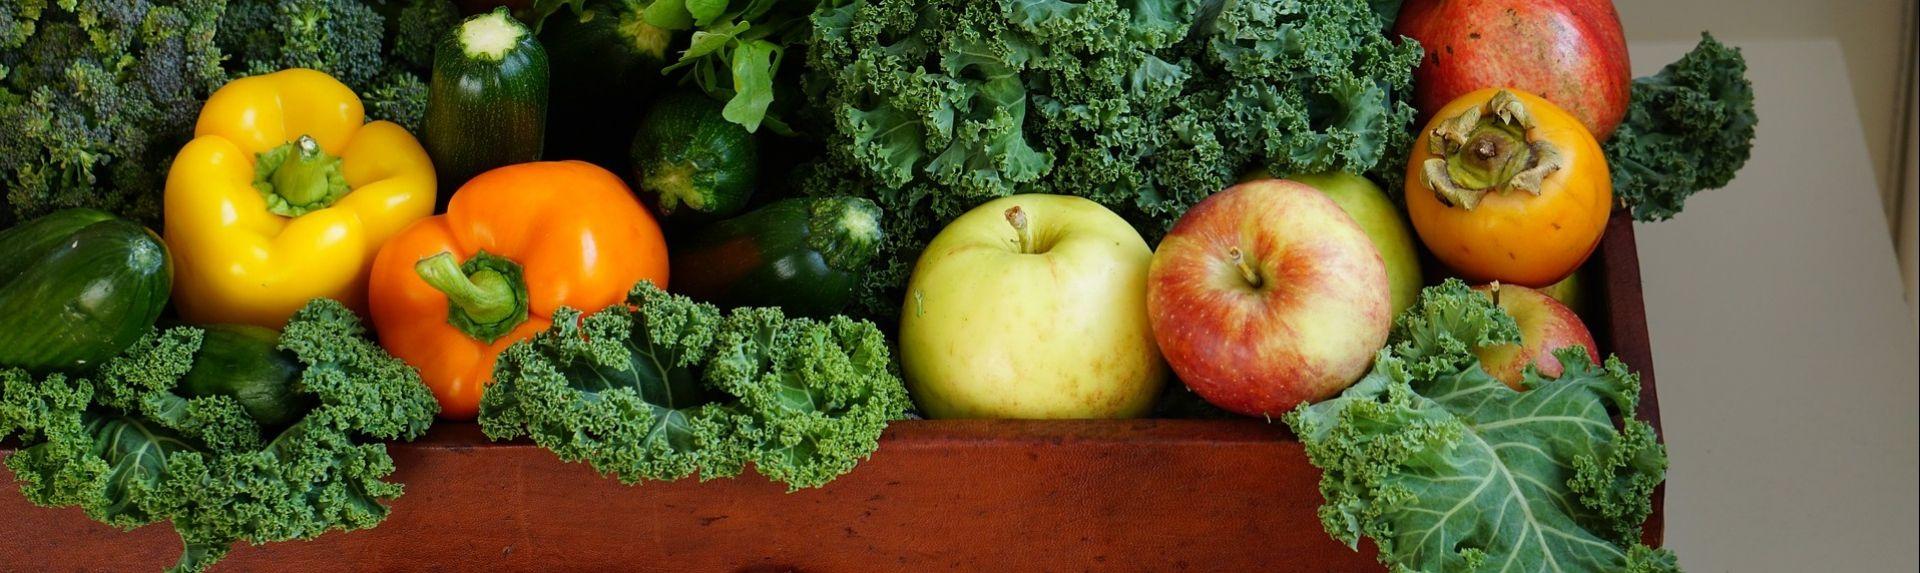 Здоровое питание для женщин после 40 лет